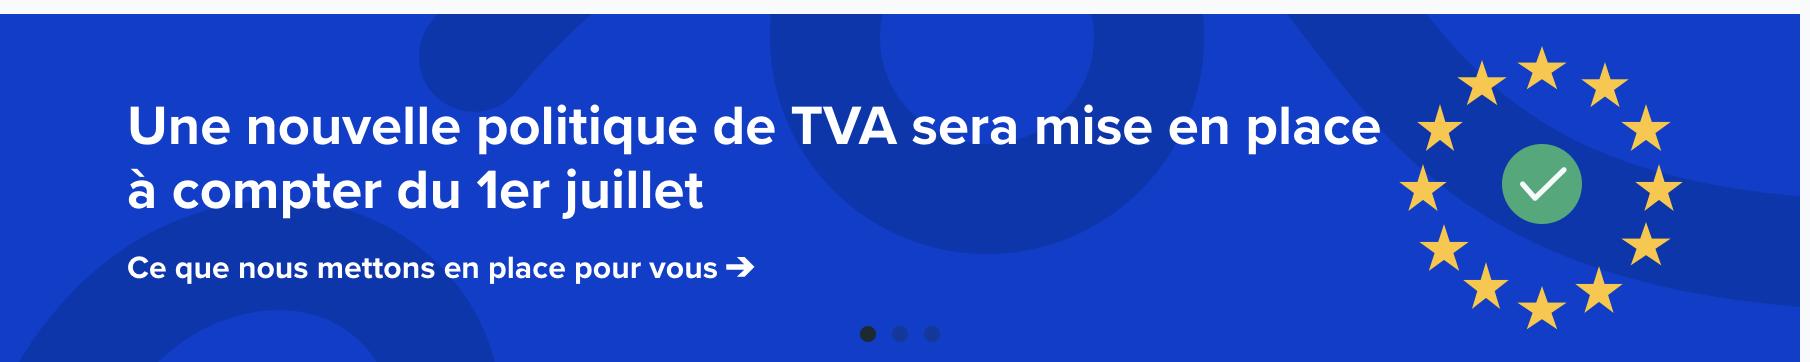 Graphique sur les changements de TVA